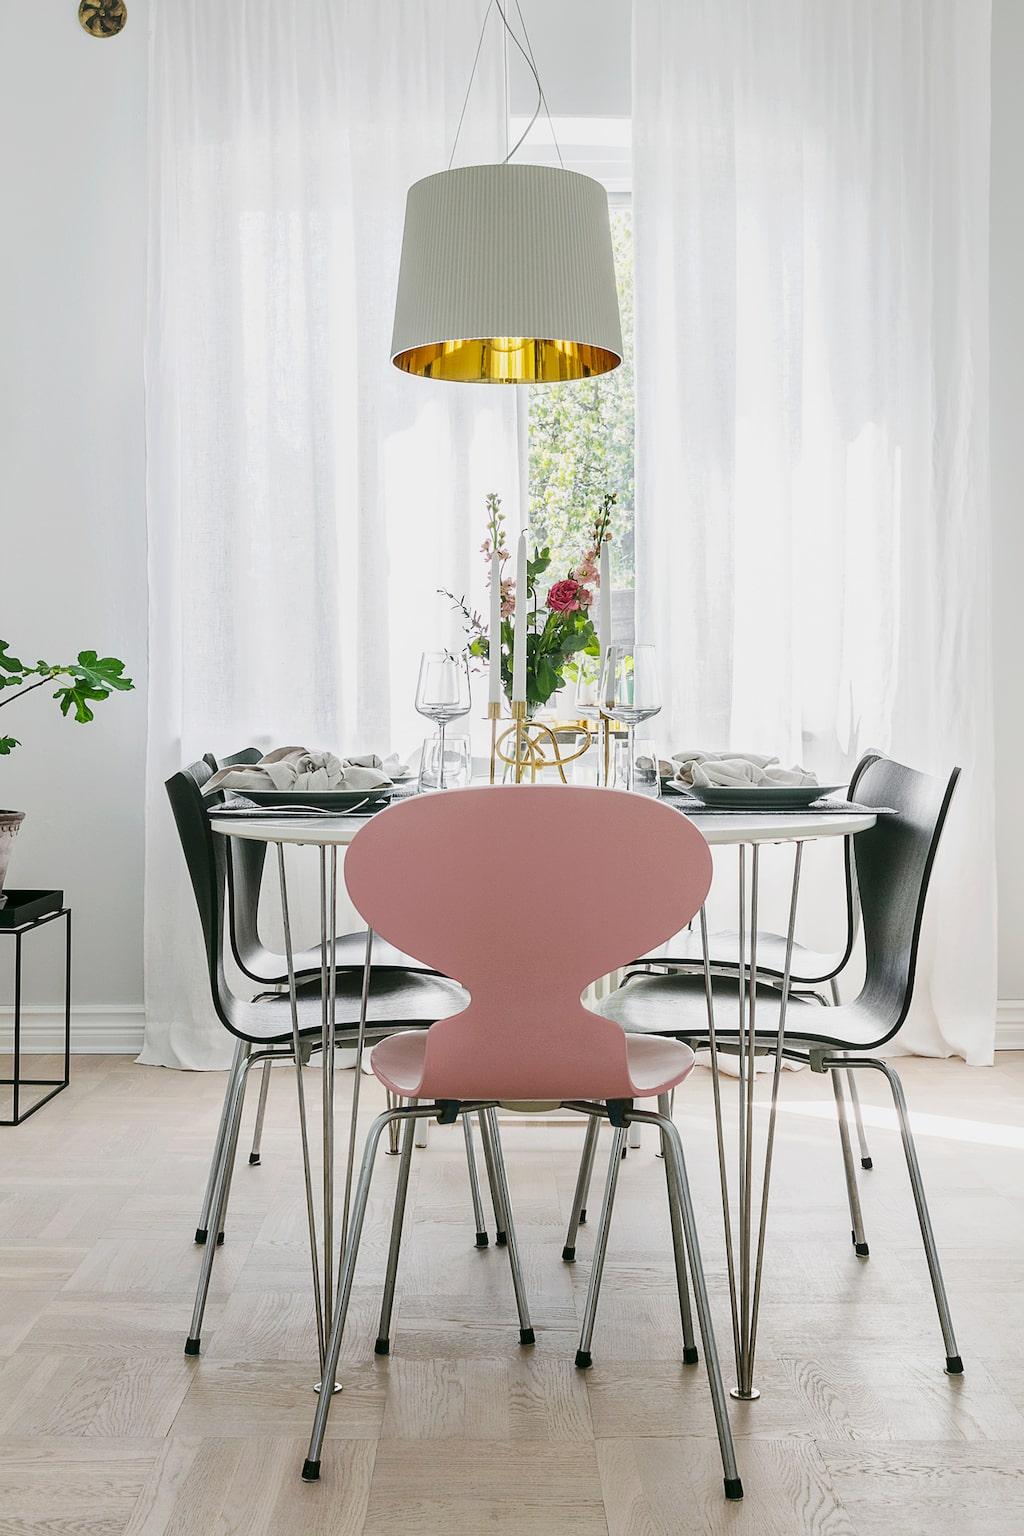 Matsalen intill det lilla köket är ljus och välkomnar ofta gäster. Matbordet kommer från Mio. Stolarna är Fritz Hansens Sjuan och Myran. Taklampa från Kartell.